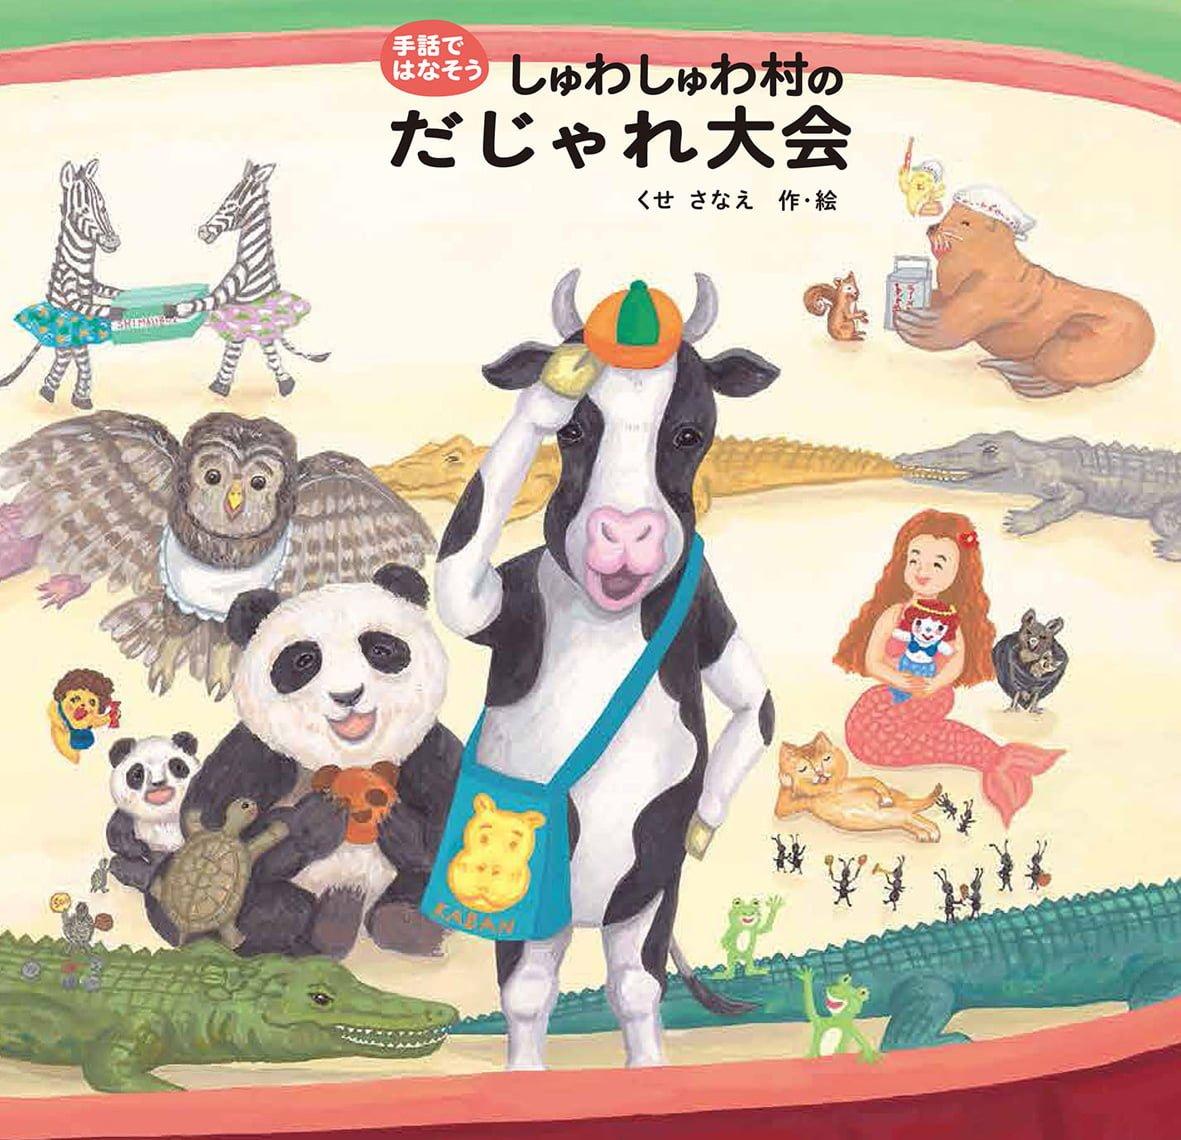 絵本「しゅわしゅわ村のだじゃれ大会」の表紙